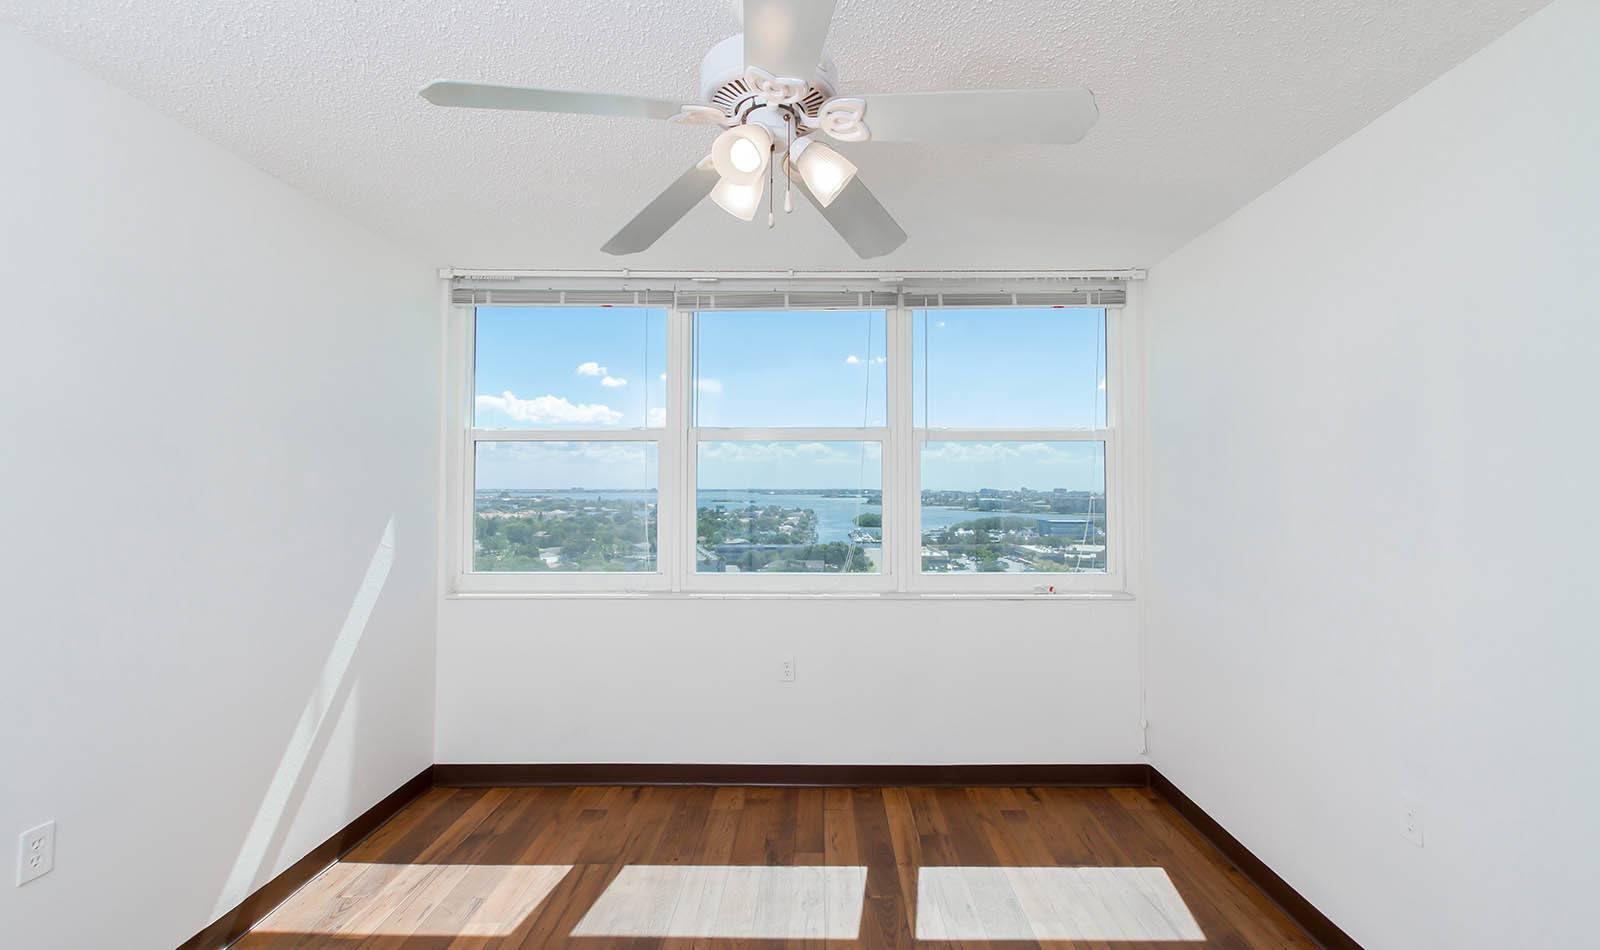 The view at apartments in South Pasadena, FL